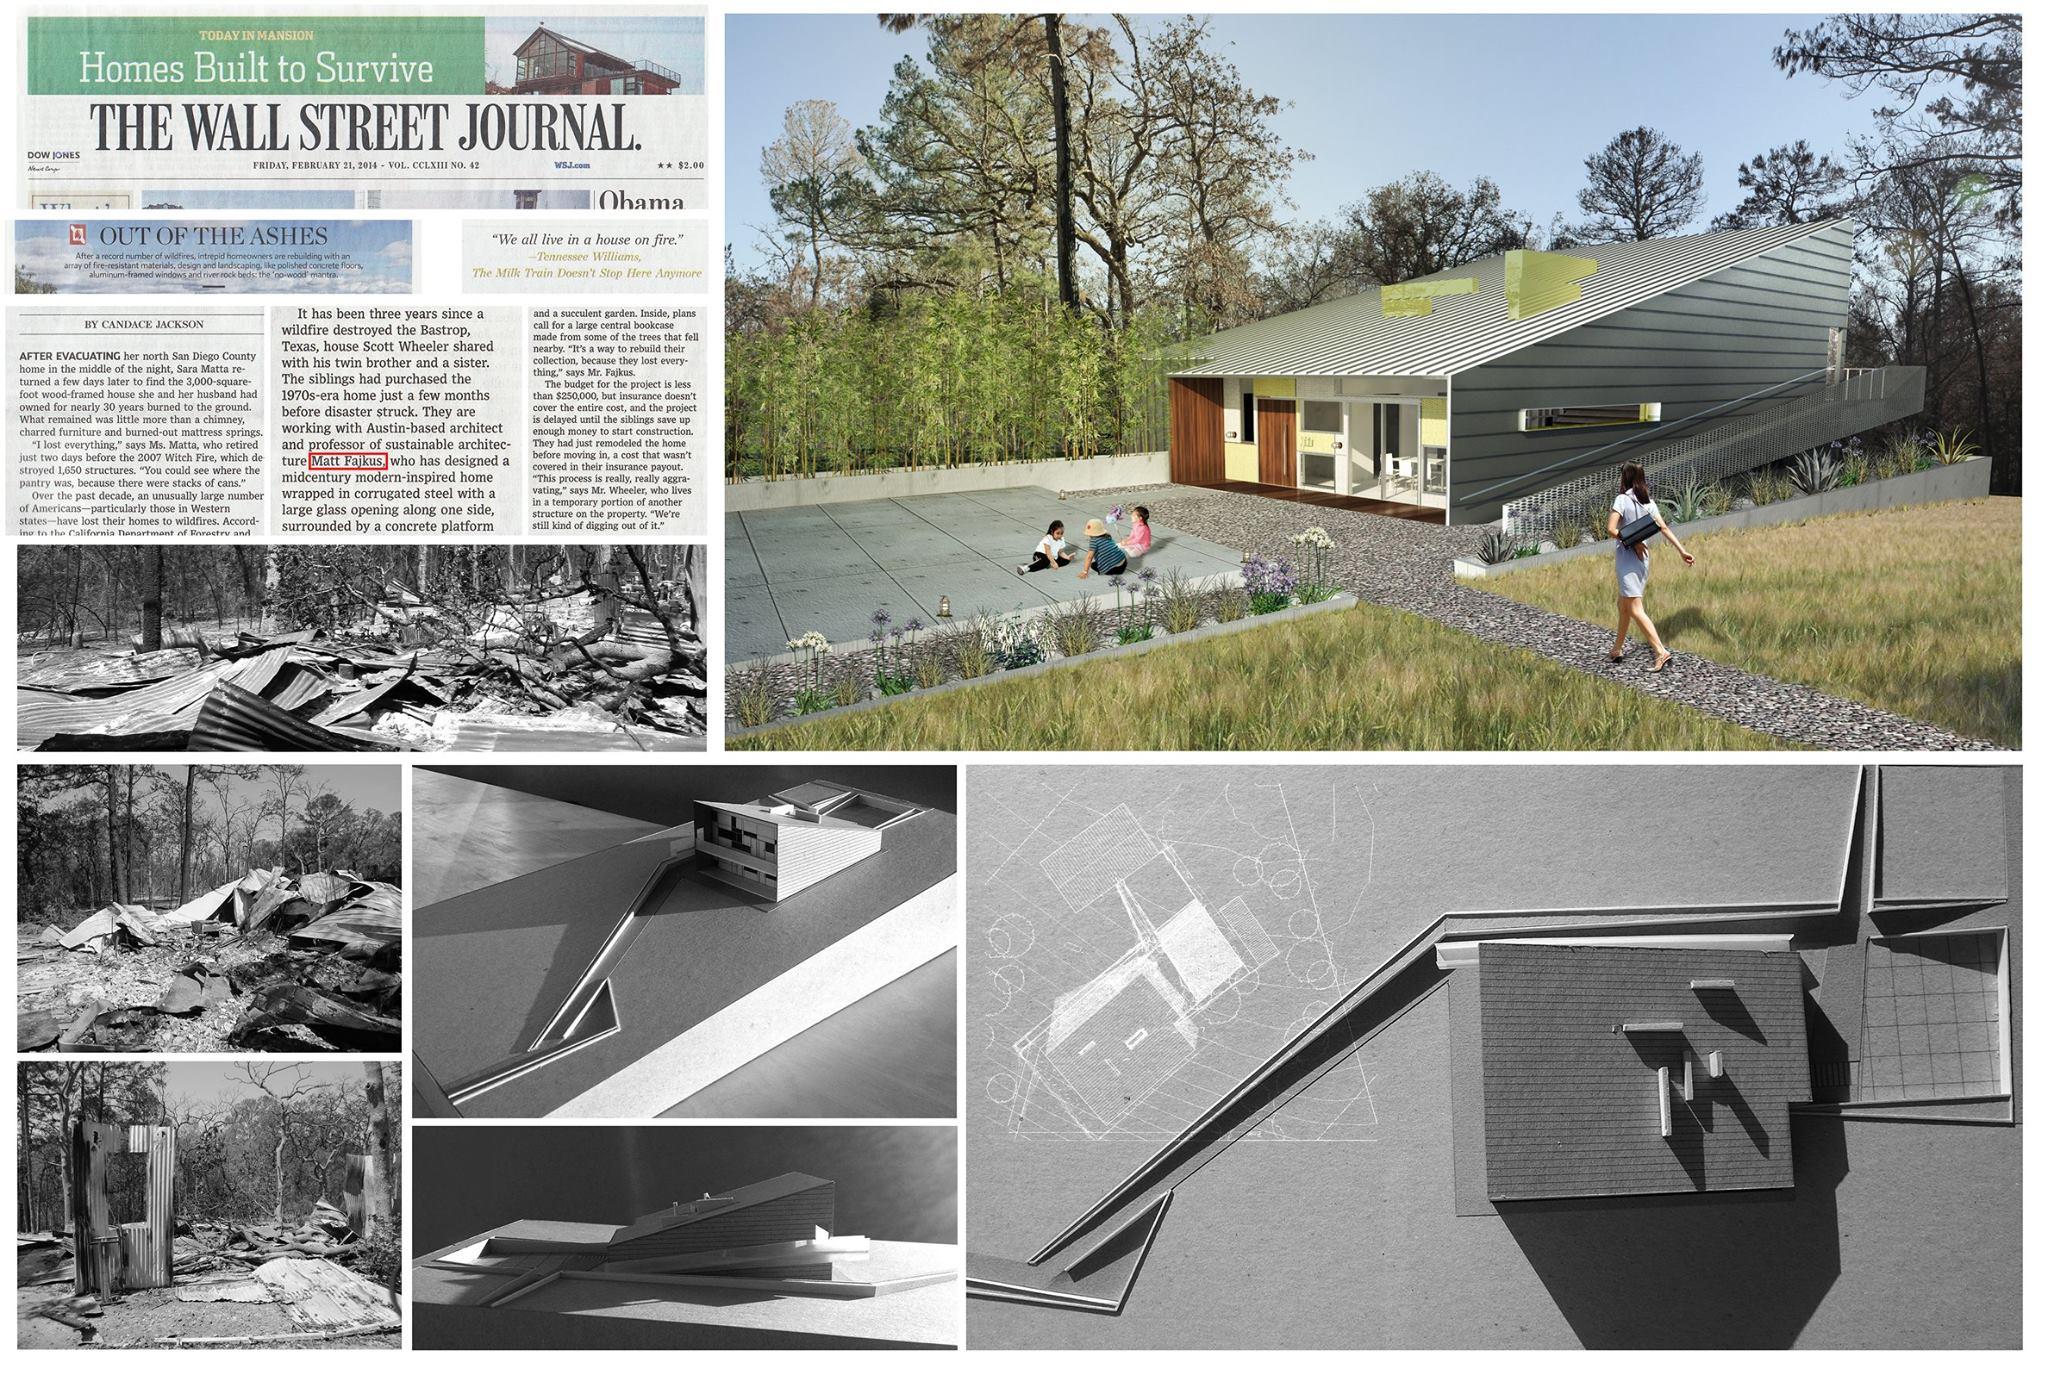 2013_1231 Matt Fajkus MF Architecture Inhabitat Cover.jpg